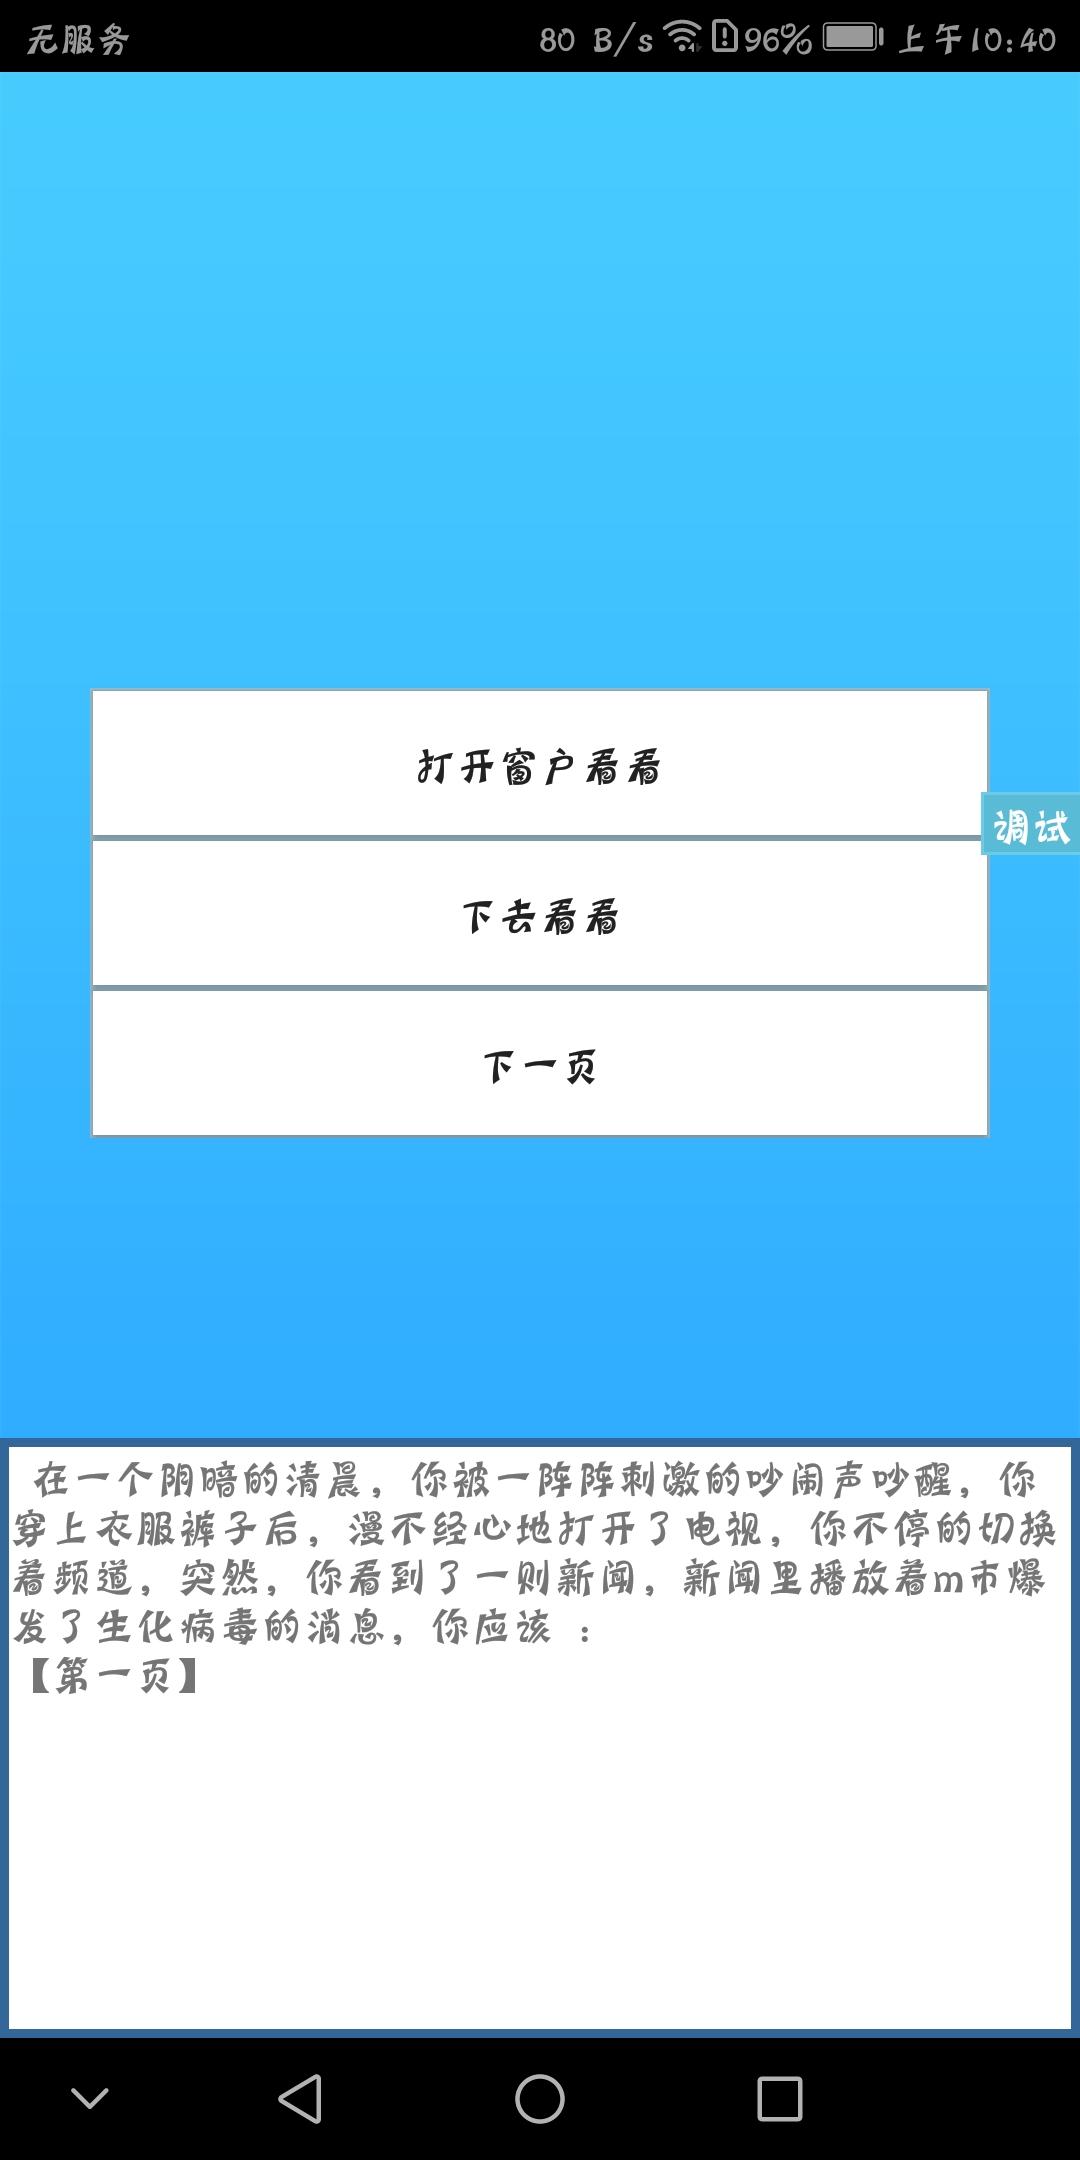 【源码发布】Rcraft文字游戏引擎v1.0插图